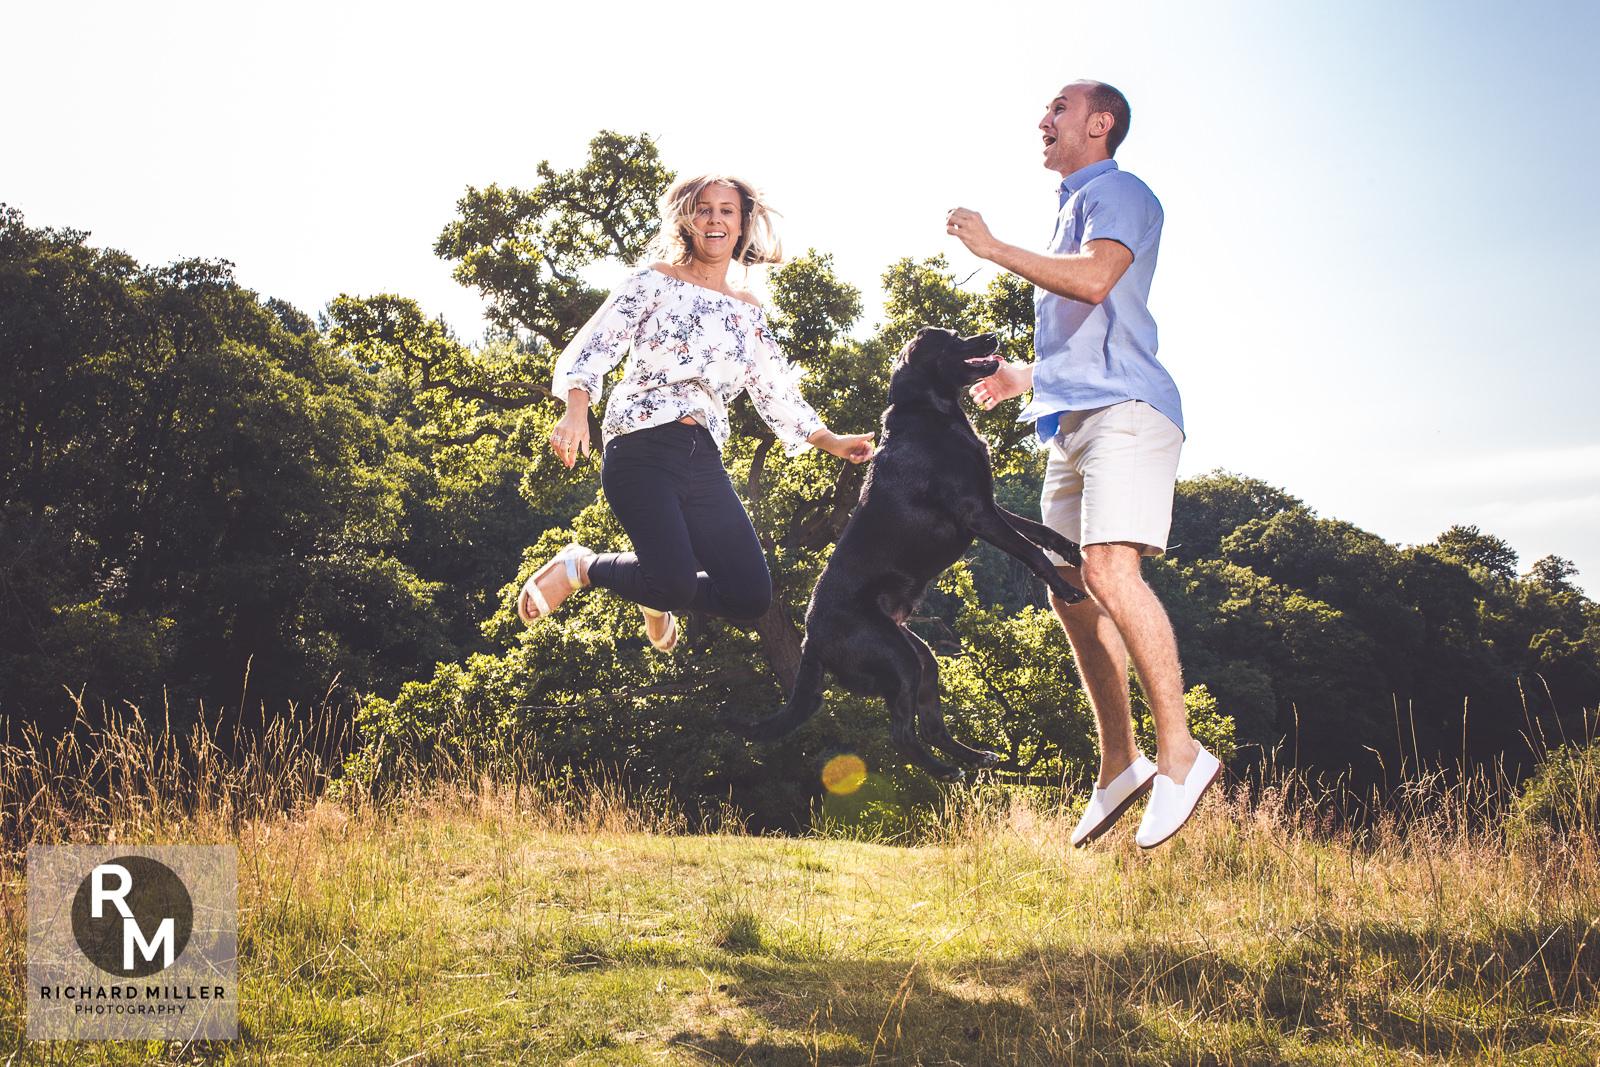 Engagement 6 - Adventure Shoots